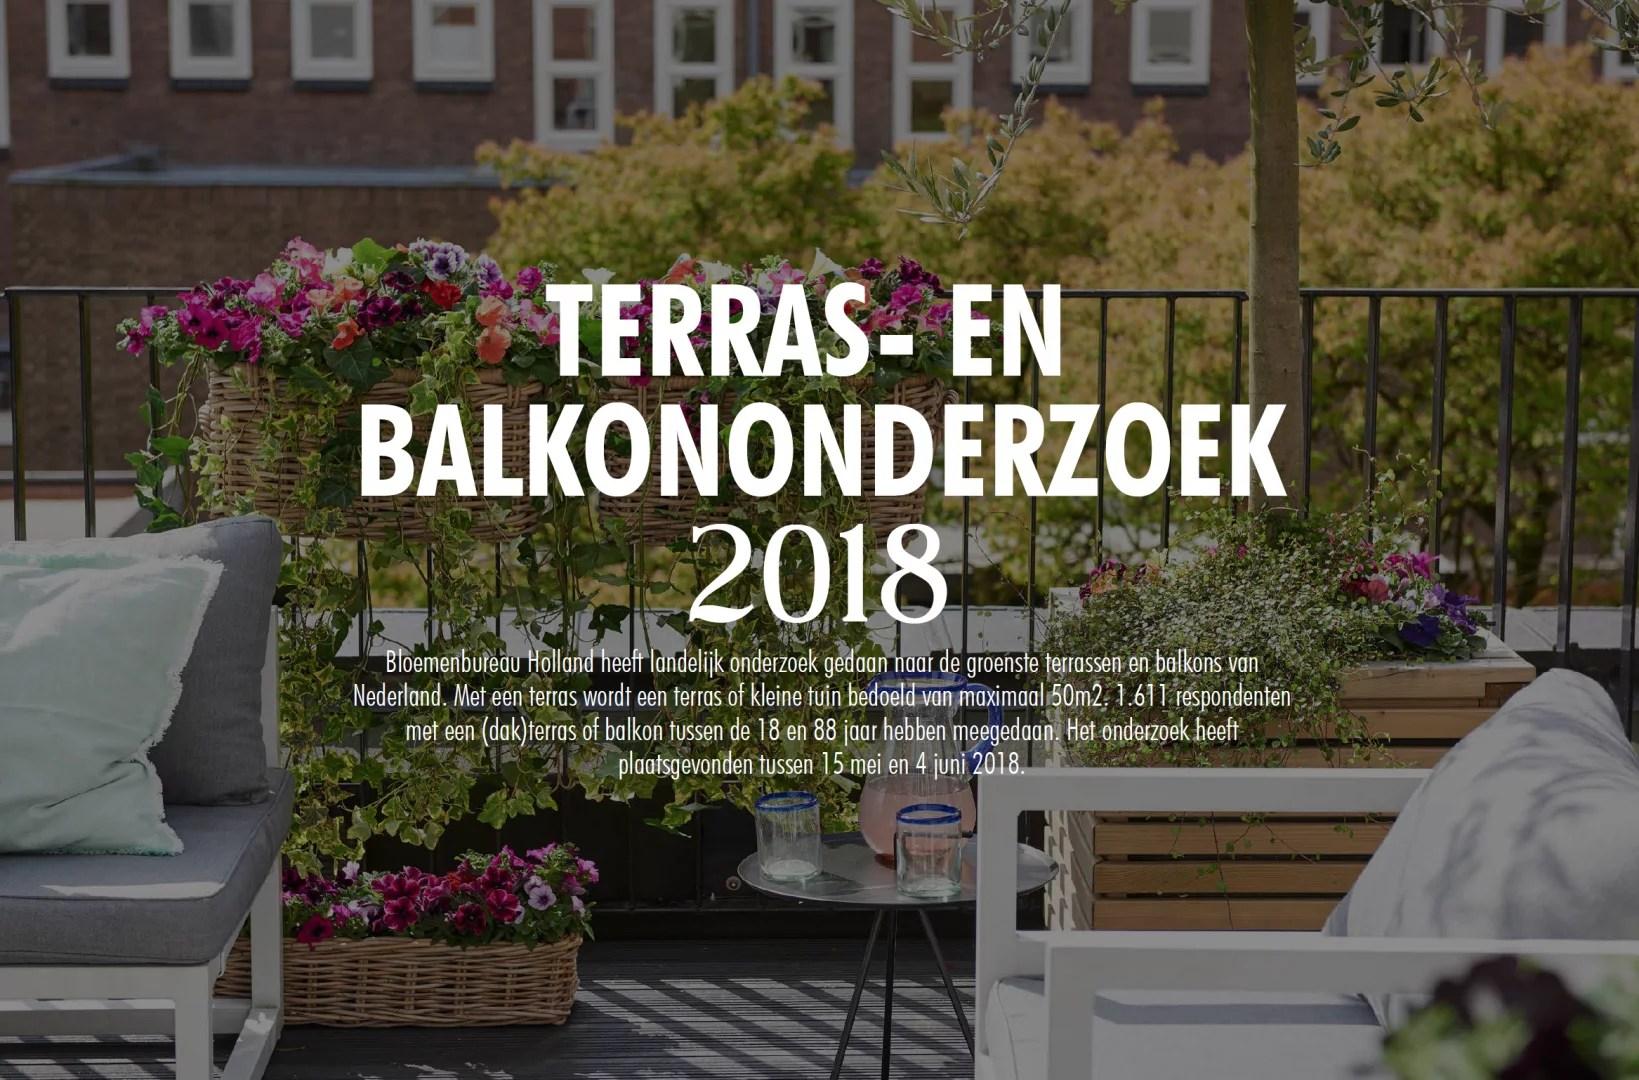 Buitenleven | Het grote terras- en balkononderzoek 2018 - 2019 // Lifestyle & woonblog StijlvolStyling.com (Beeld: Bloemenbureau Holland)